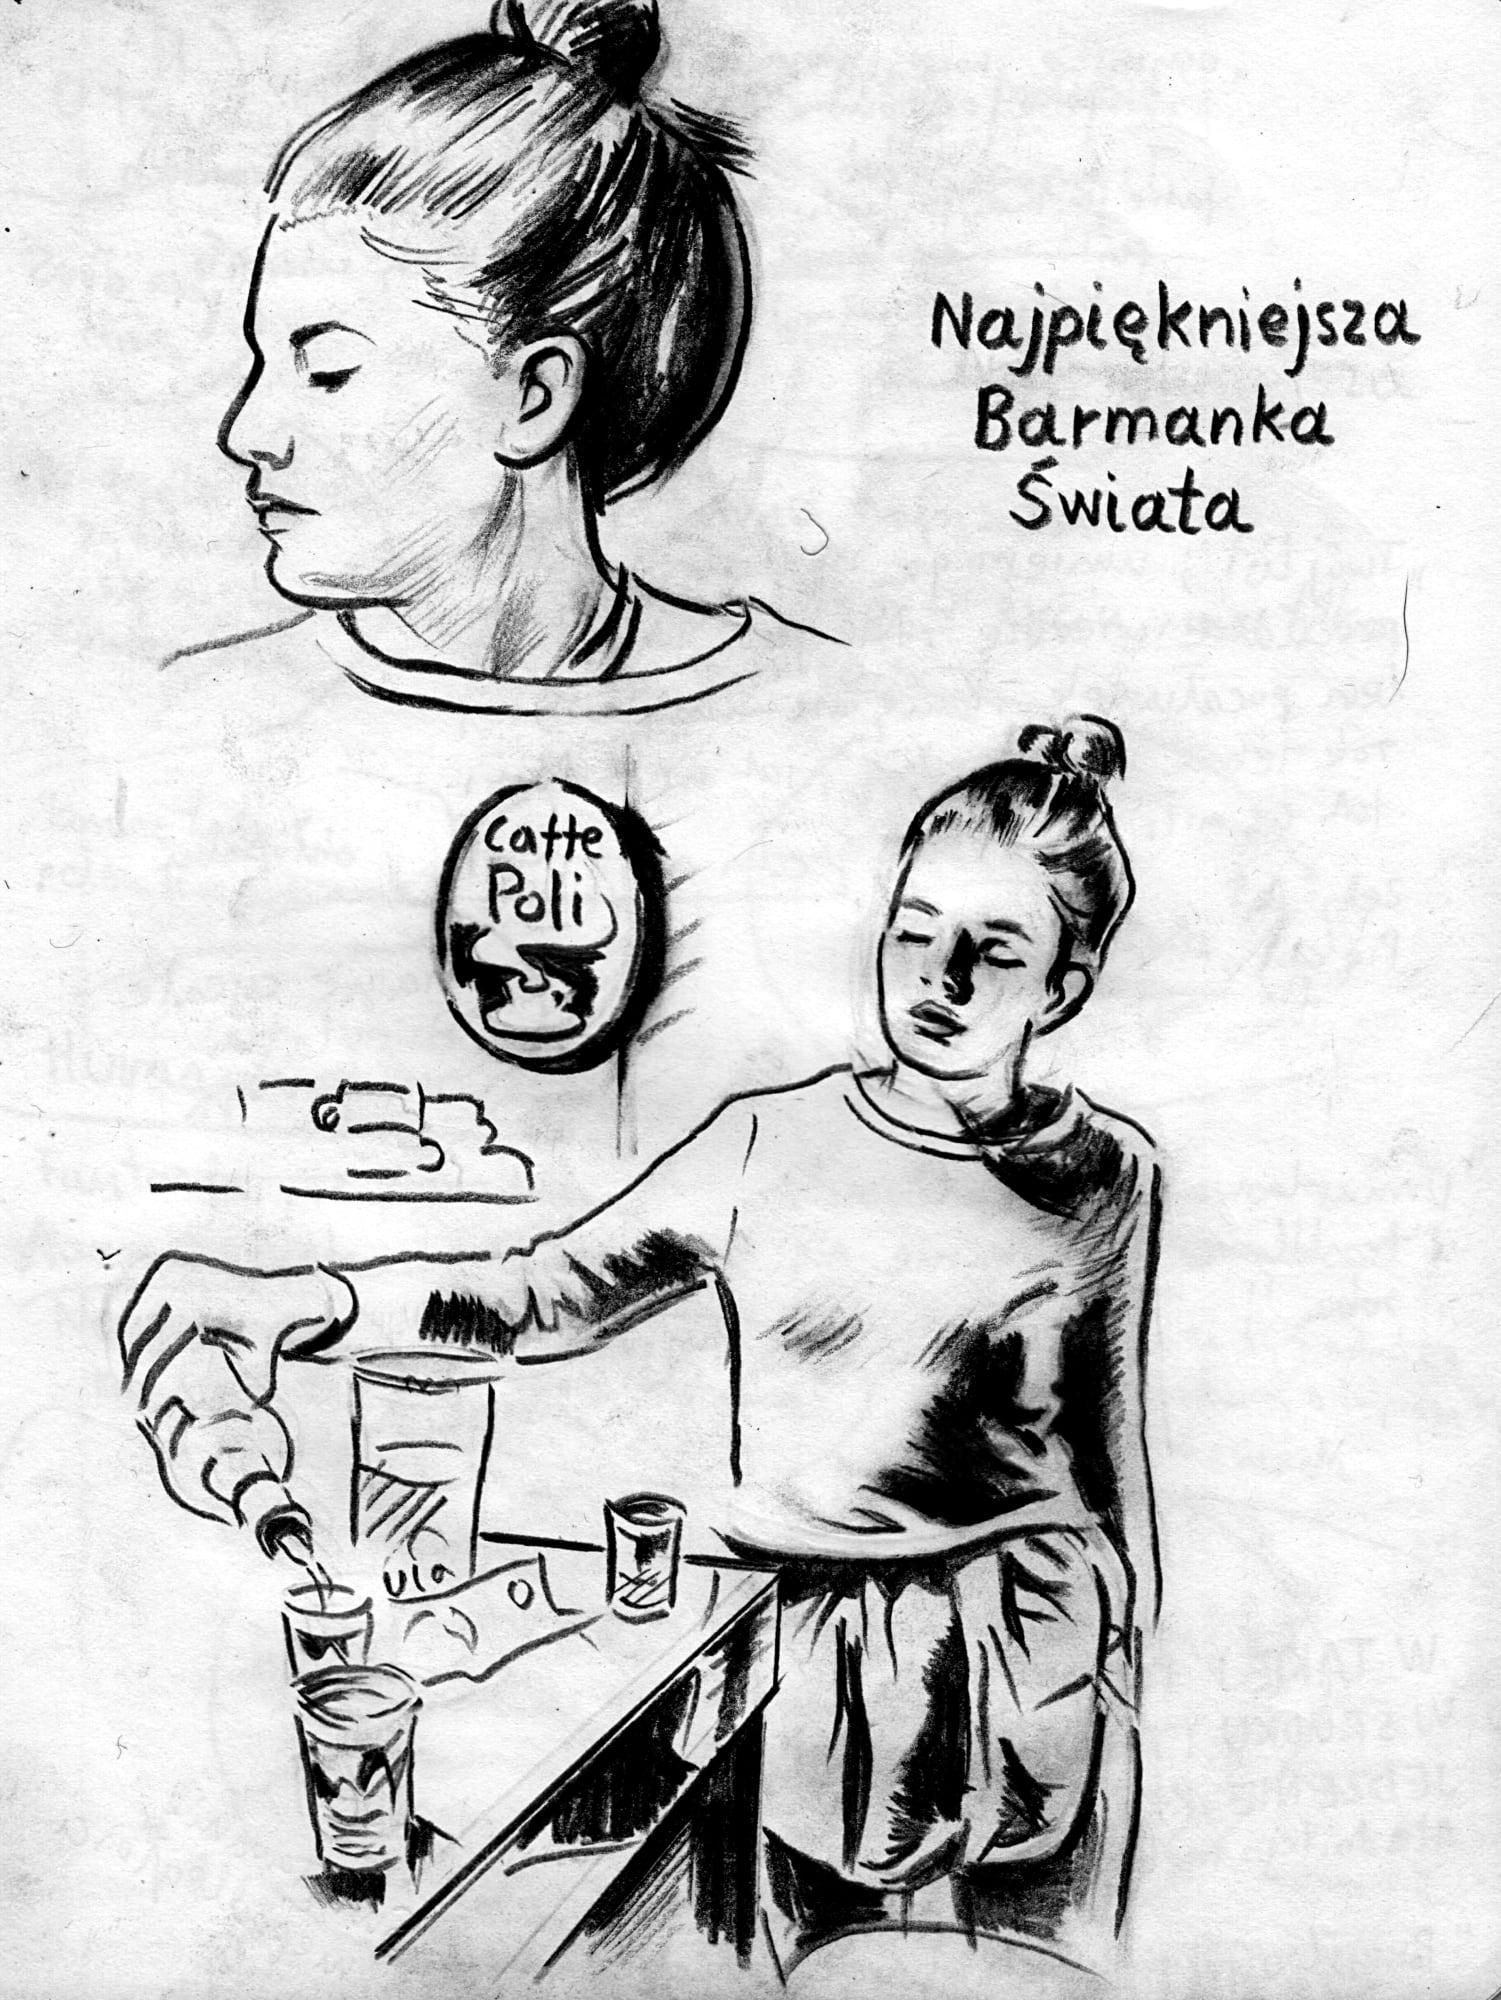 Marcin Maciejowski, Najpiekniejsza barmanka swiata (2019); Private View at Thaddaeus Ropac Ely House 2019